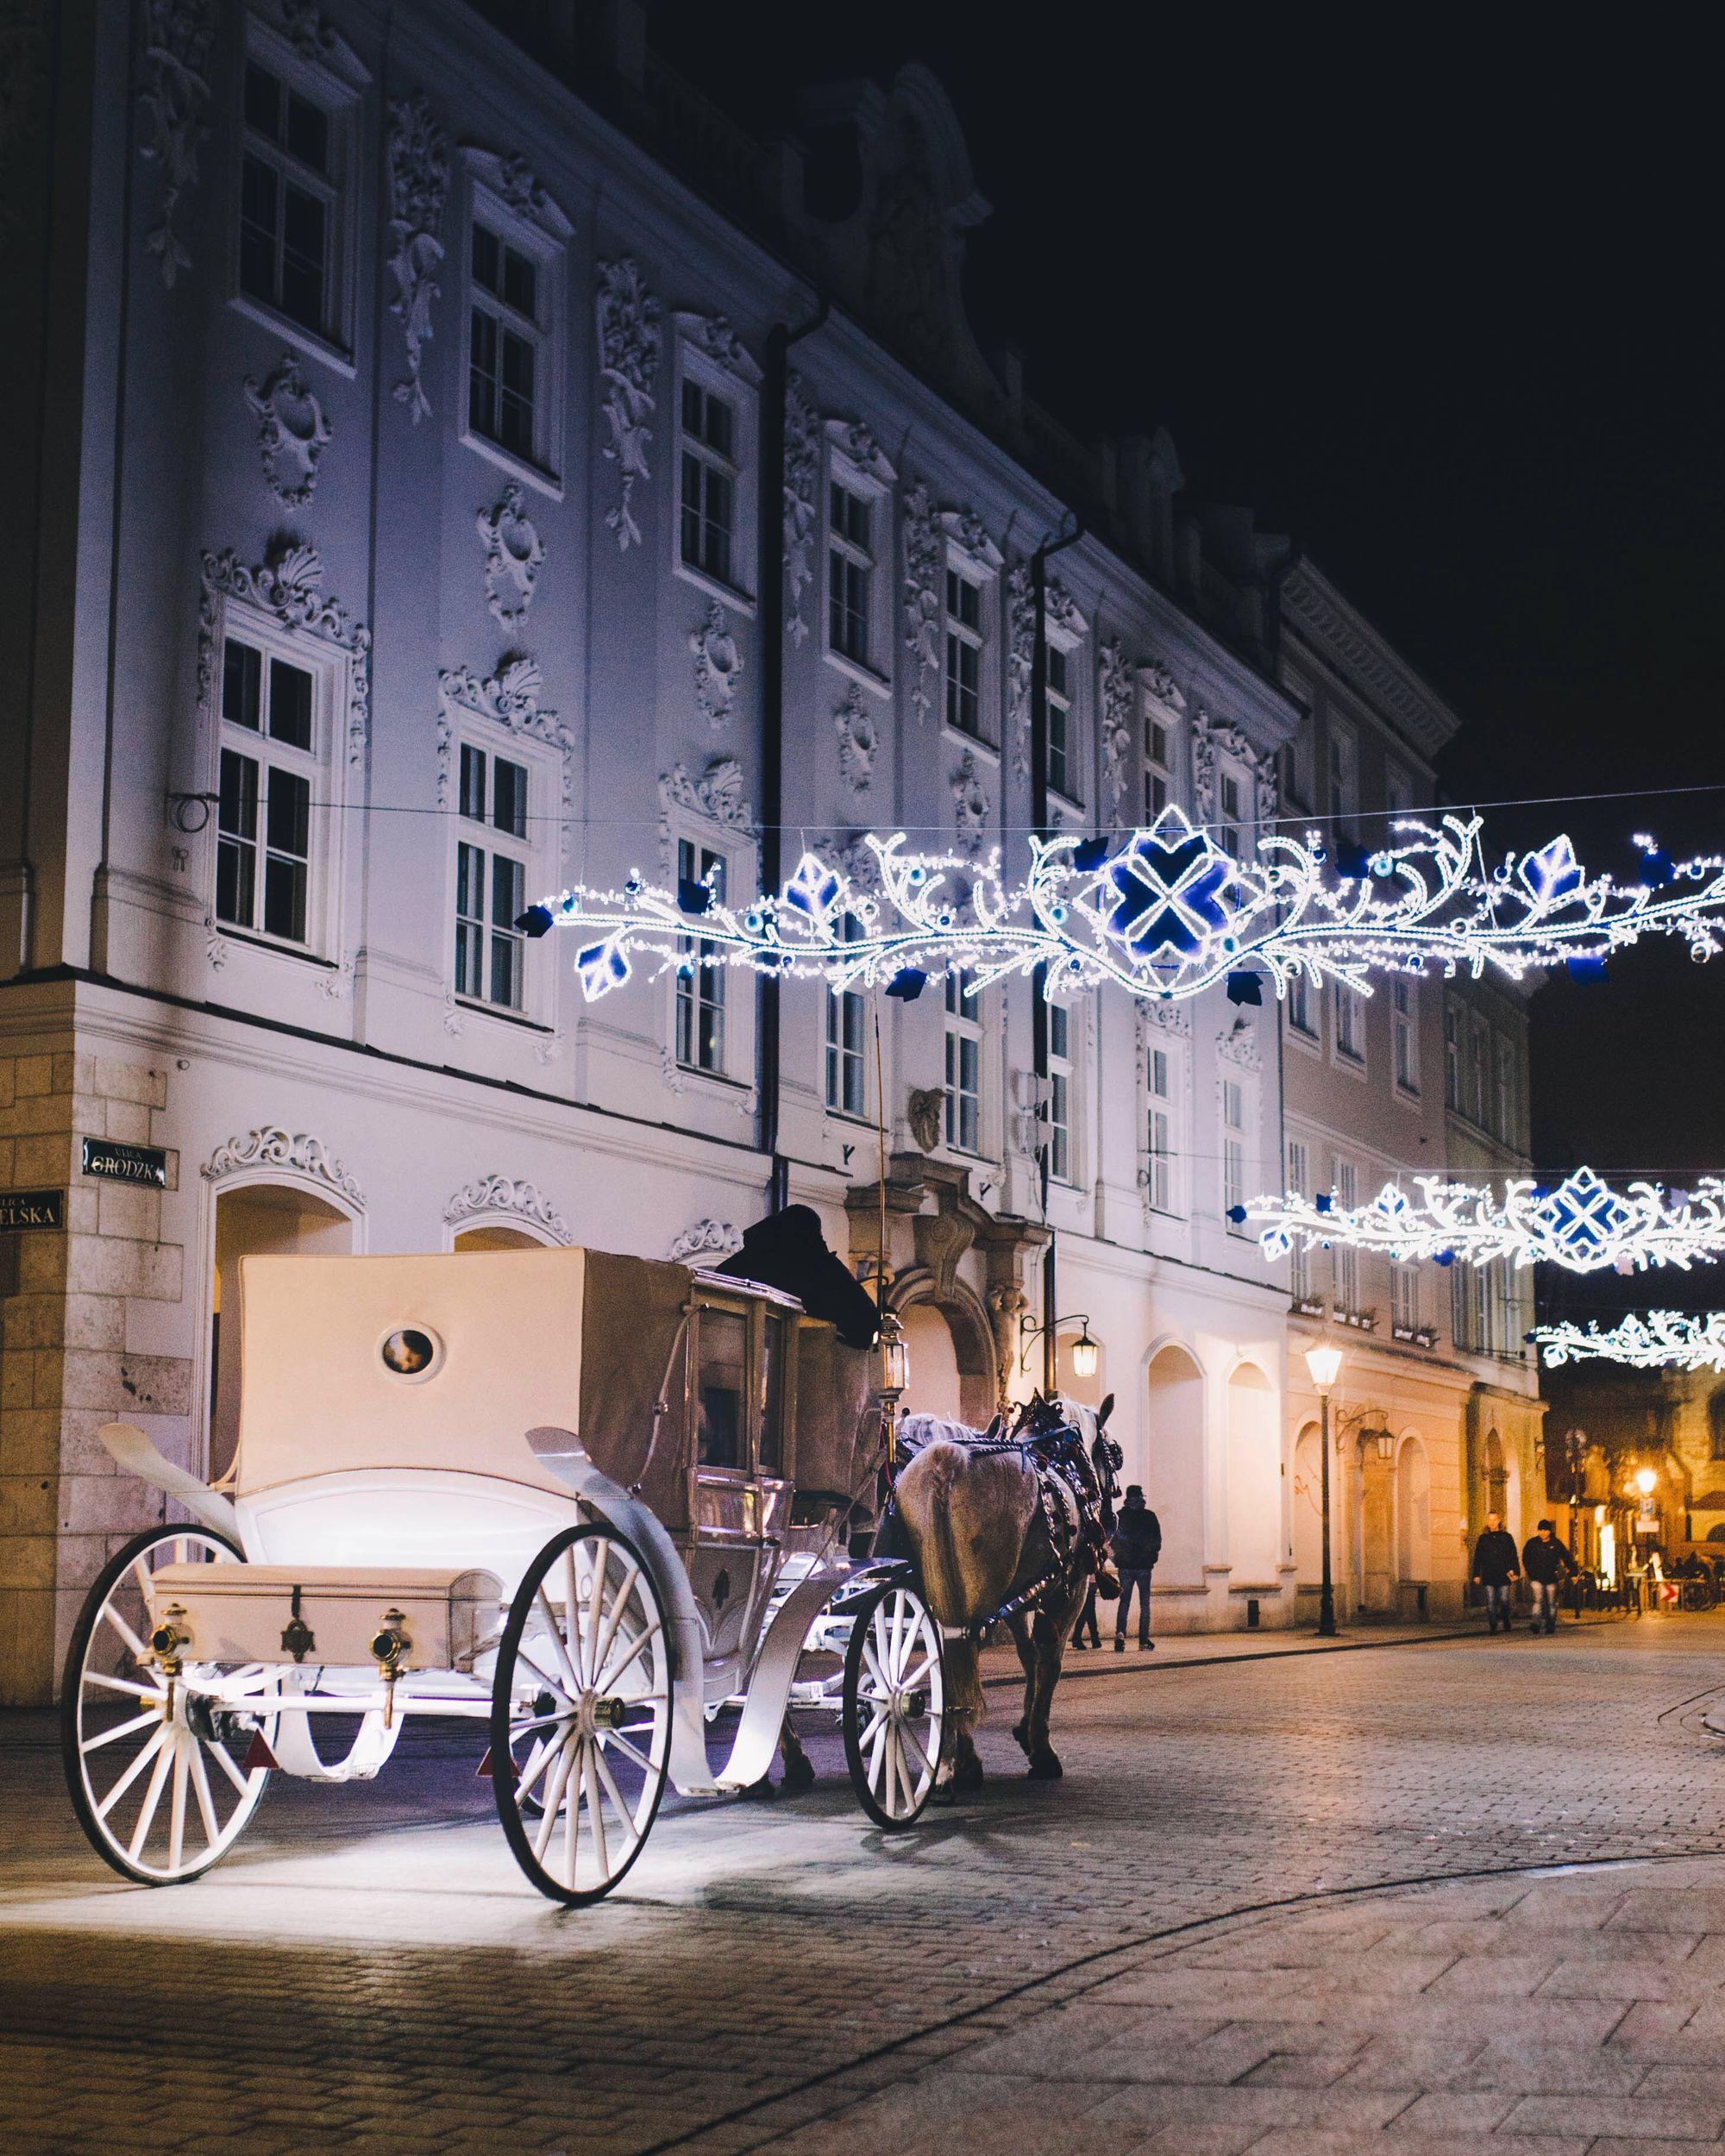 Calèche avec des chevaux et décorations de Noël dans les rues de Cracovie en Pologne